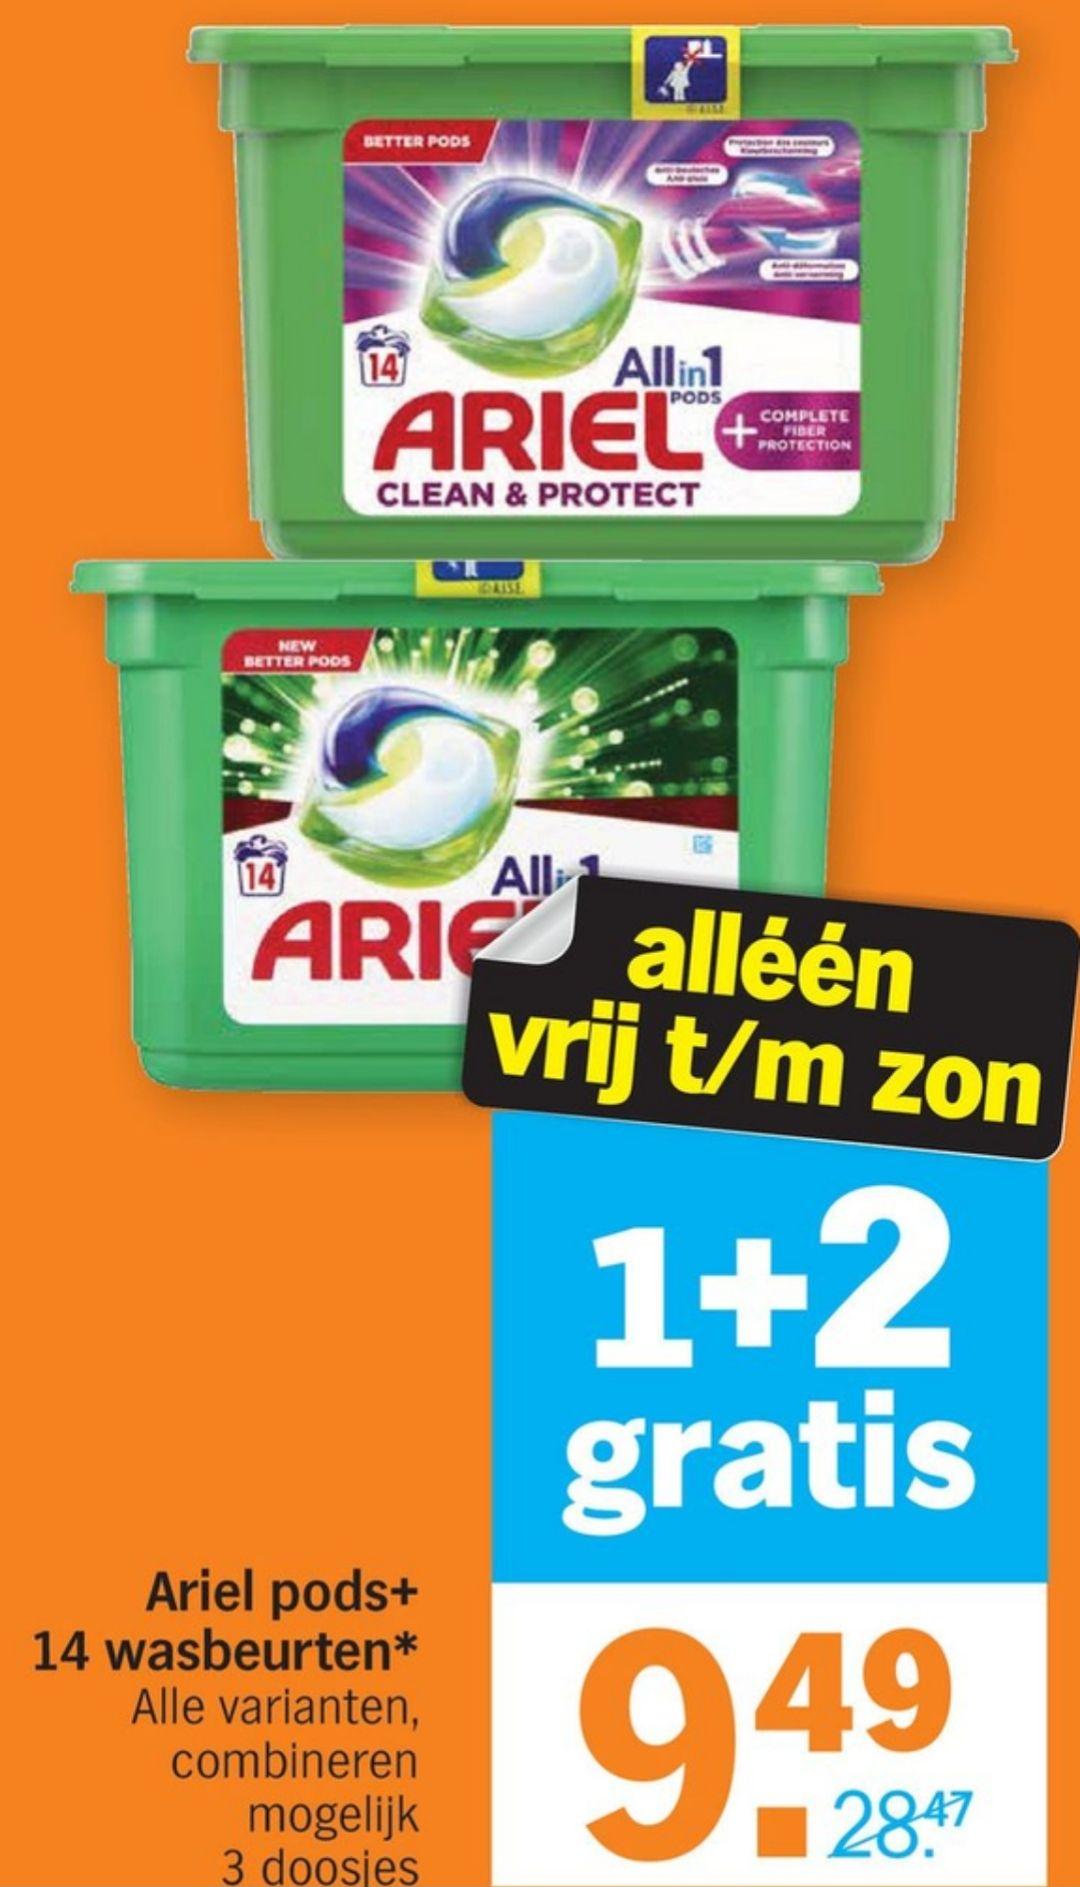 Ariel Pods 14 wasbeurten 1+2 gratis bij Albertheijn vanaf vrijdag